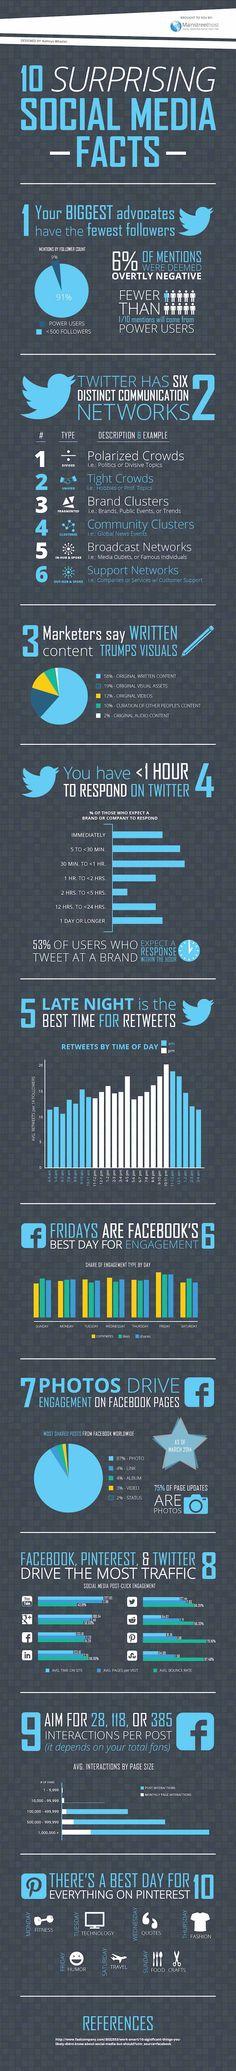 Infografik Surprising Social Media Facts - Social Media Marketing Tipps und Statistiken